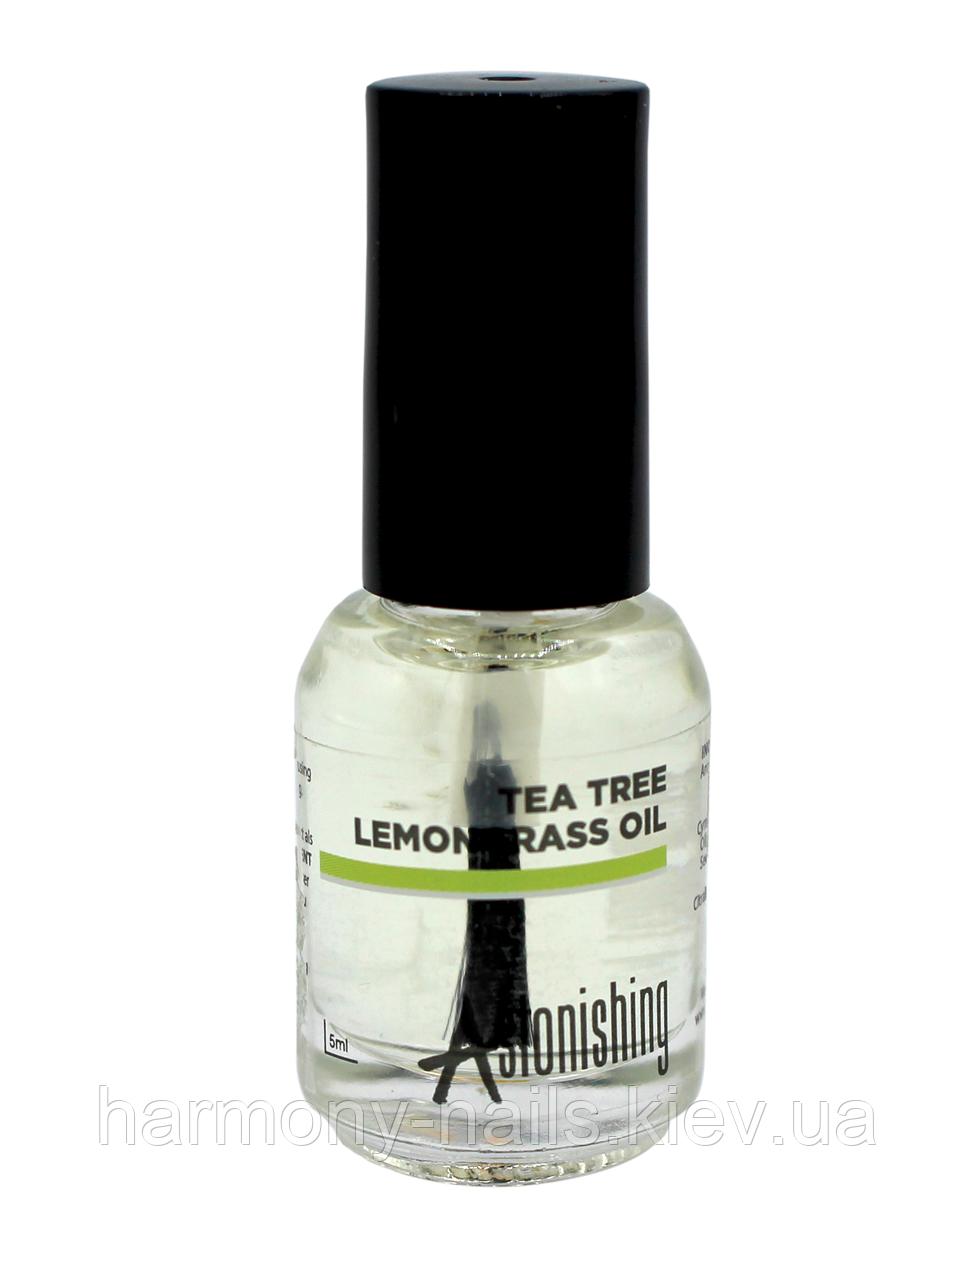 Astonishing Tea Tree Lemongrass Oil, 5ml - масло чайного дерева и лимонной травы.